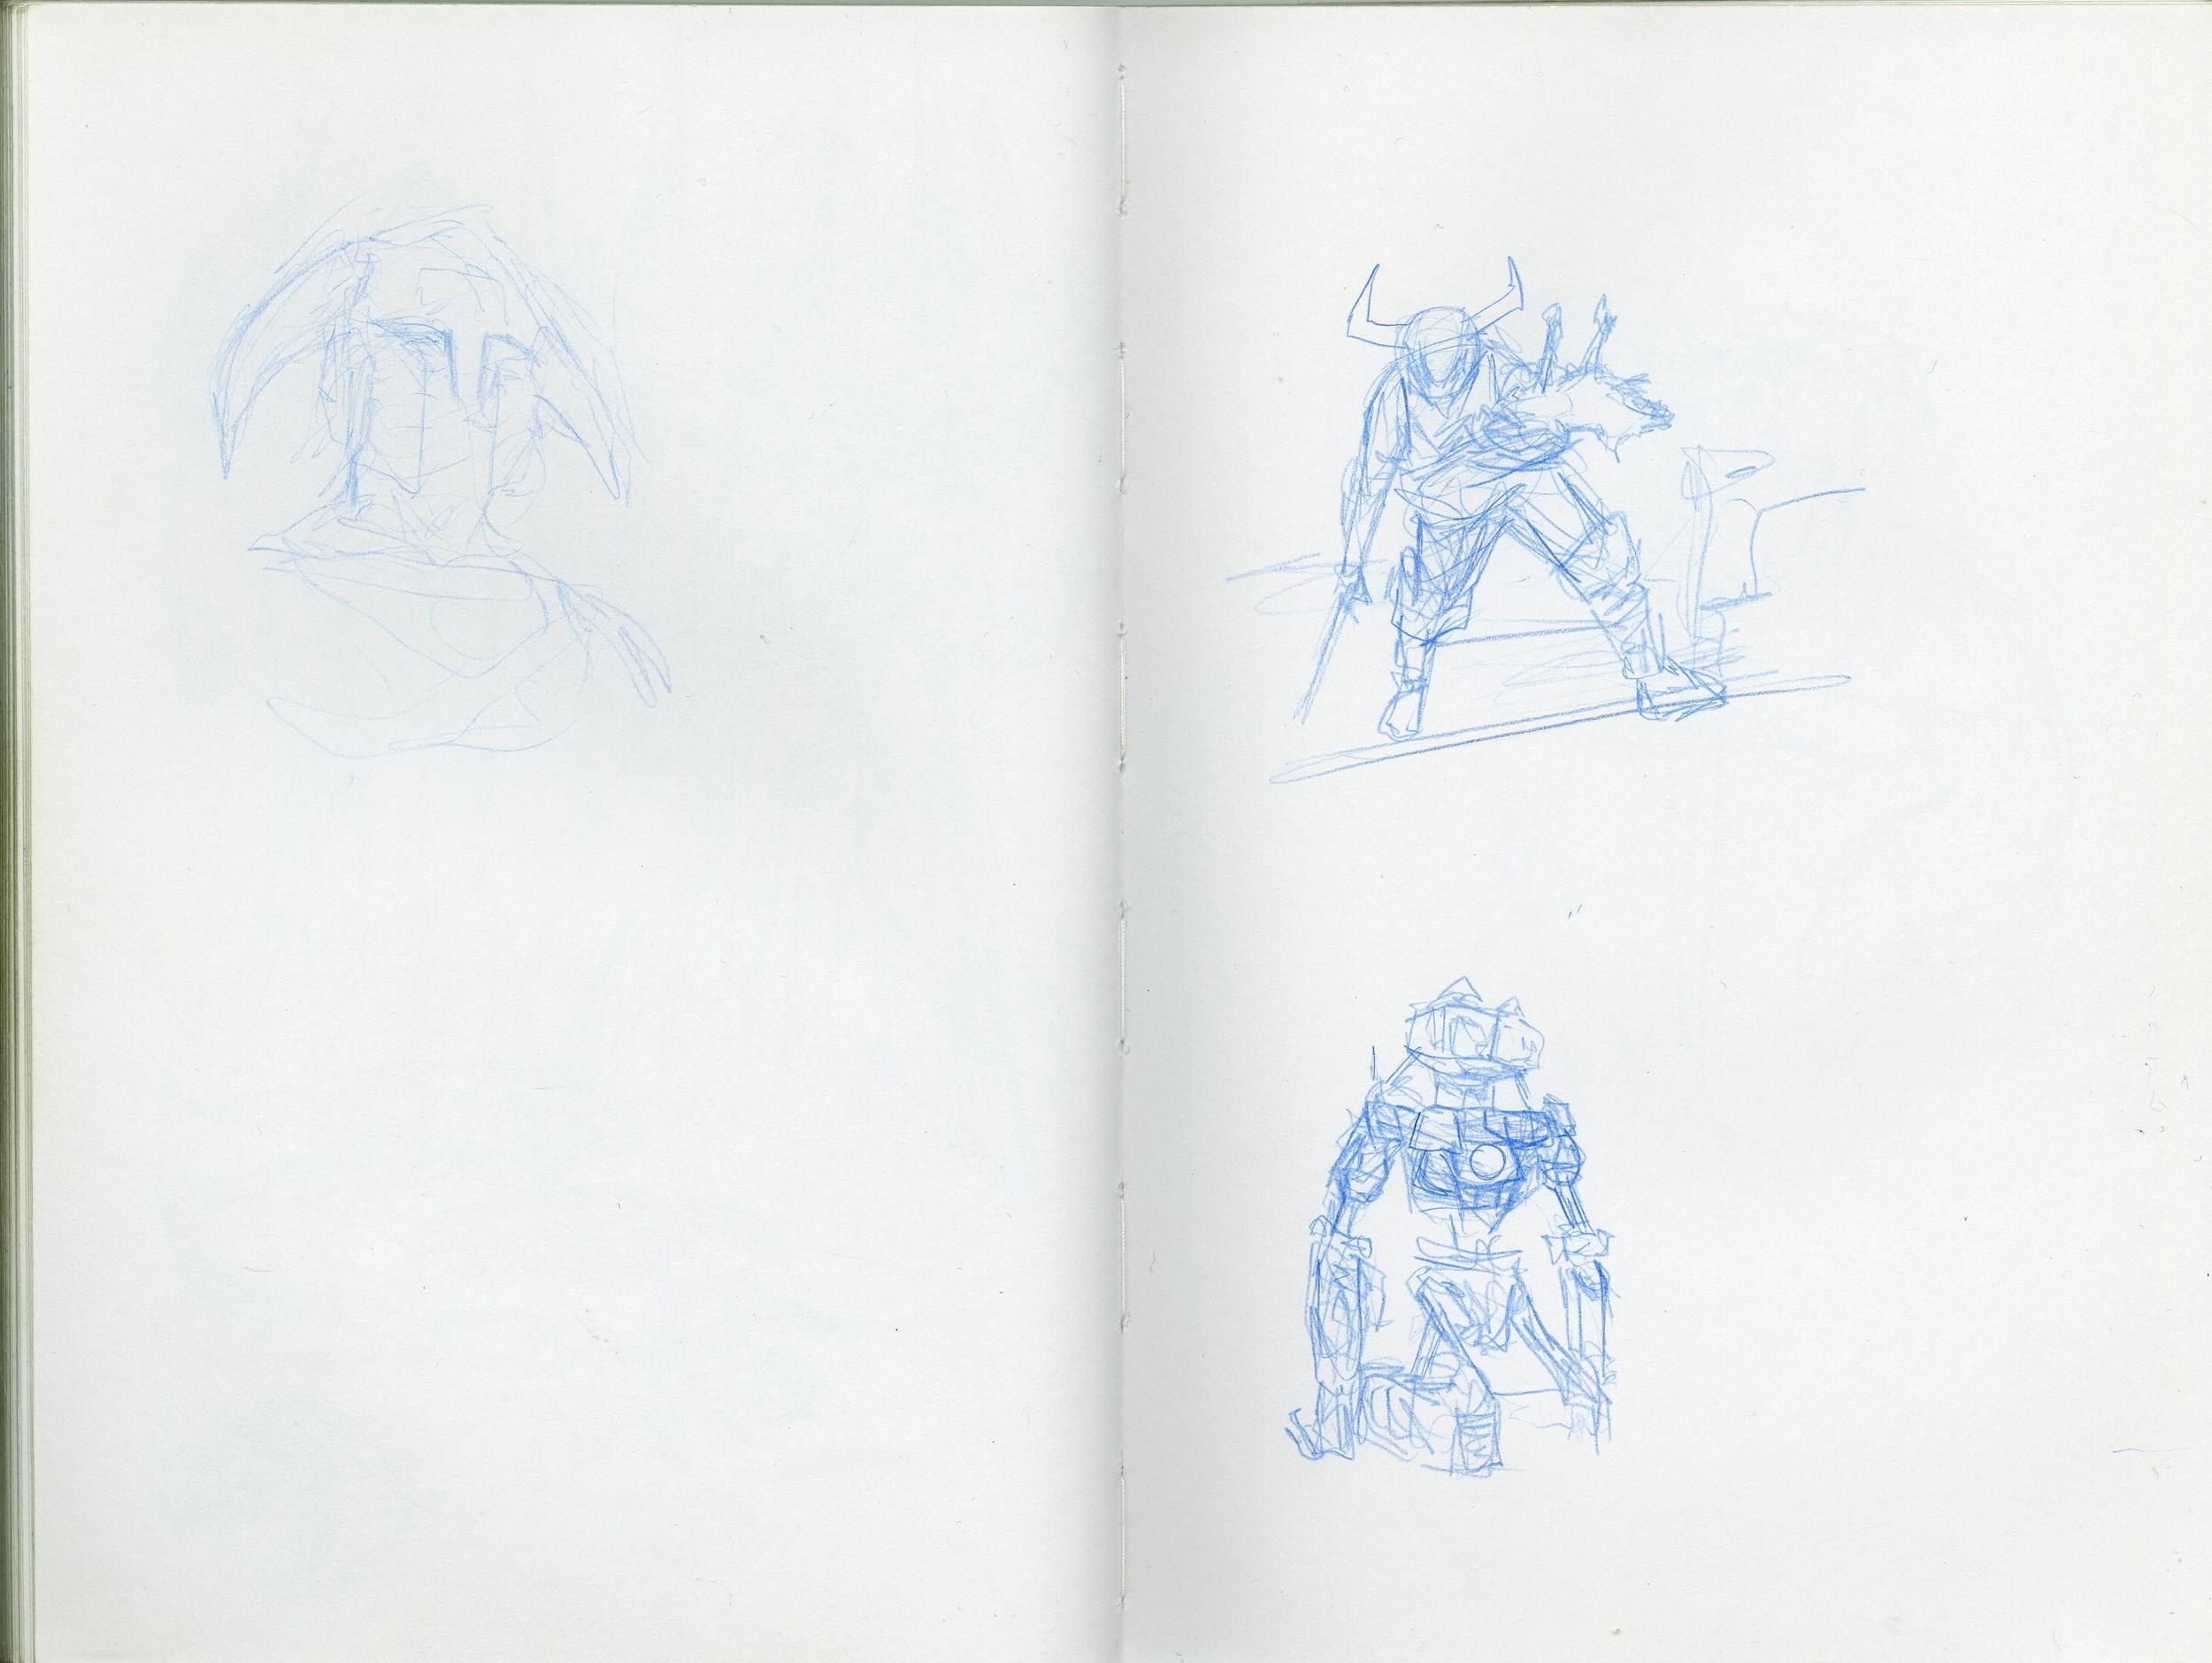 SketchbookScan107.jpg